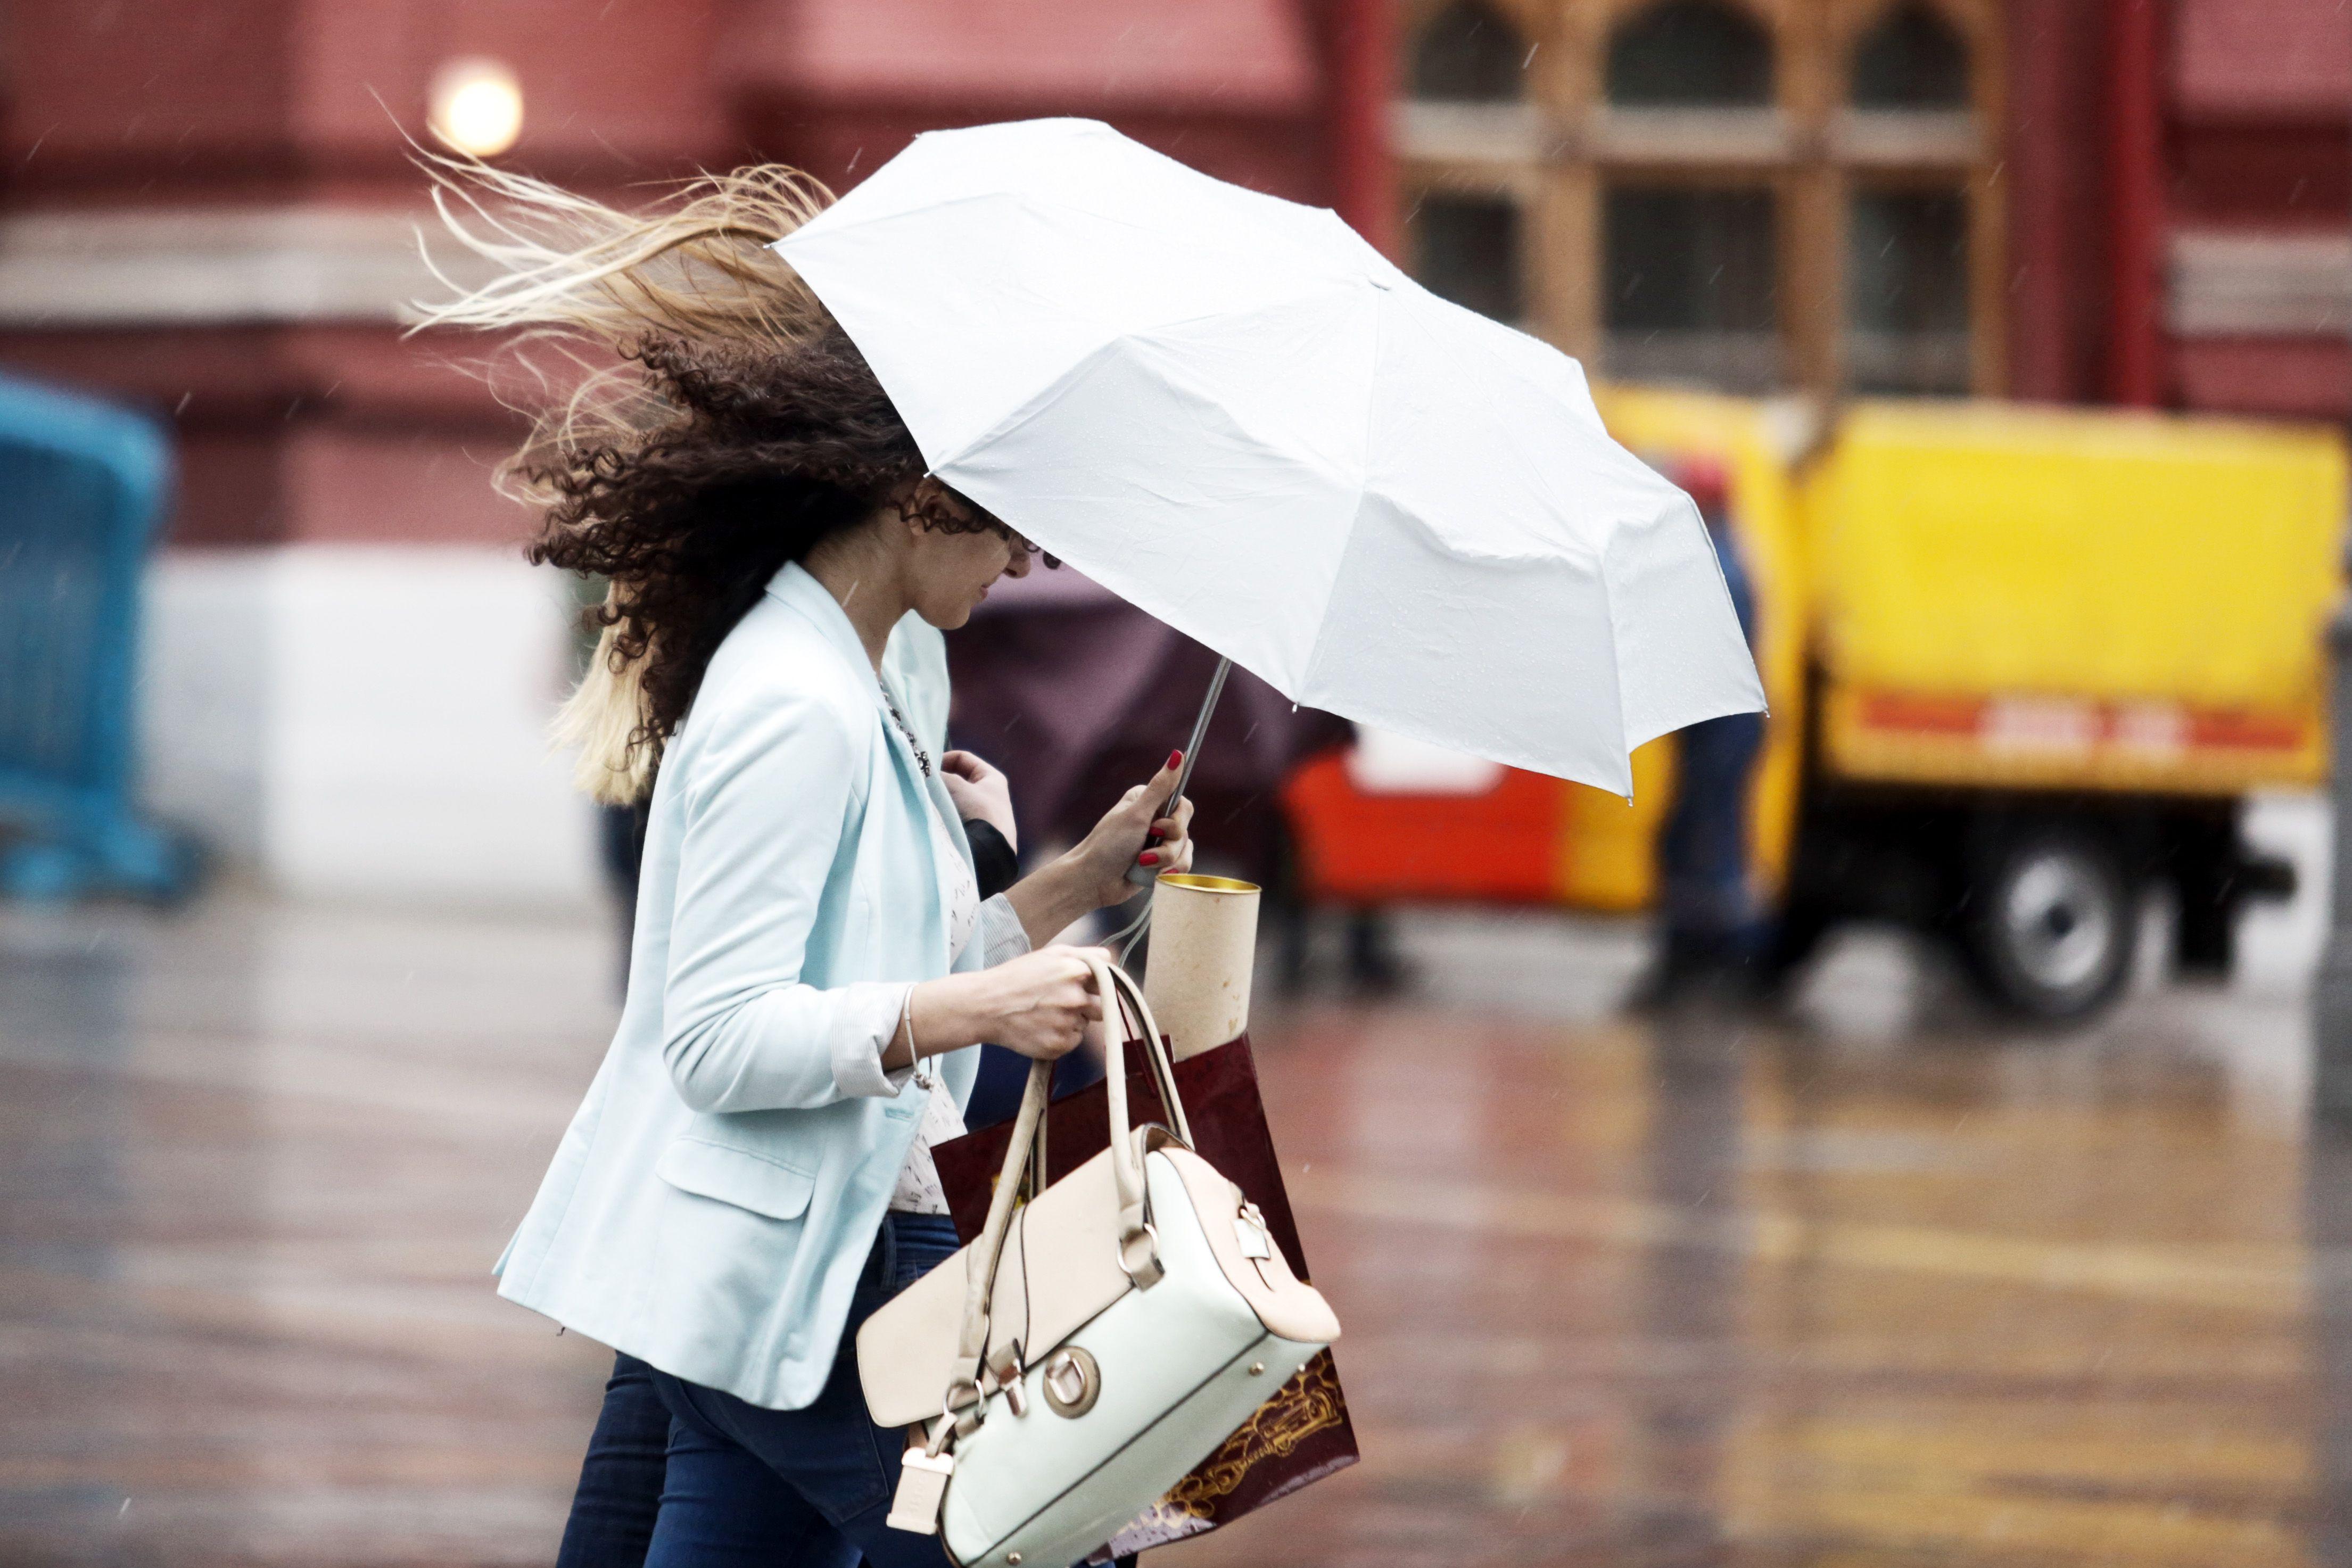 Дожди и порывистый ветер придут в Москву во вторник